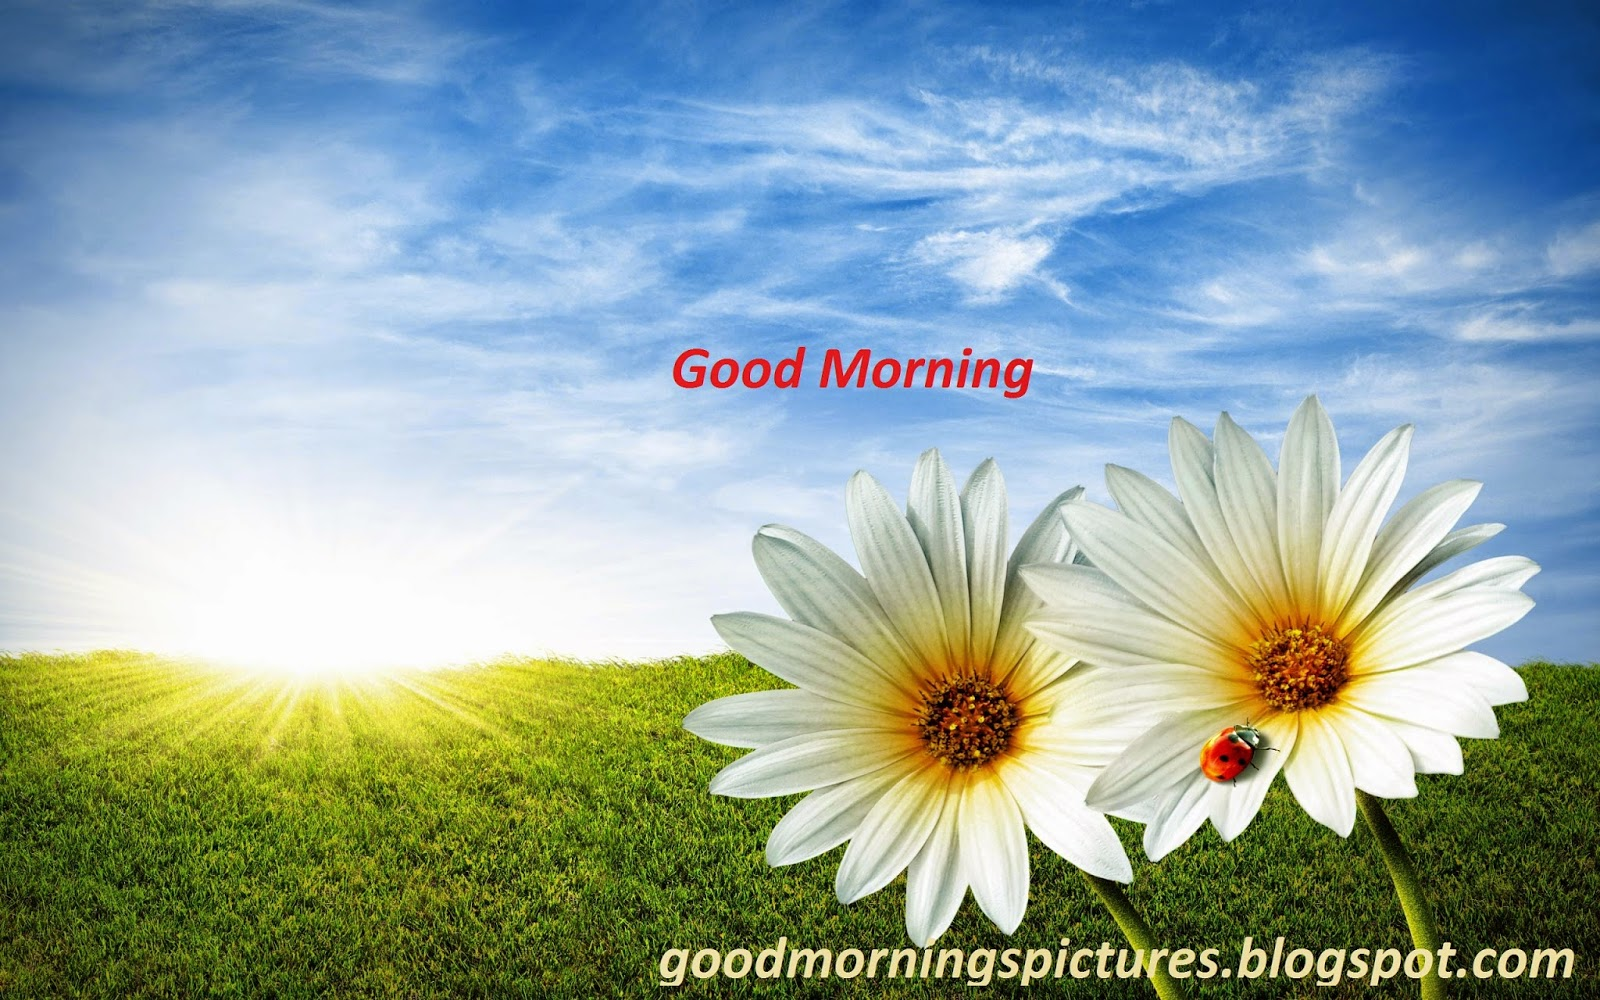 Good Morning Beautiful Photos Download : Beautiful good morning images free download azquotes